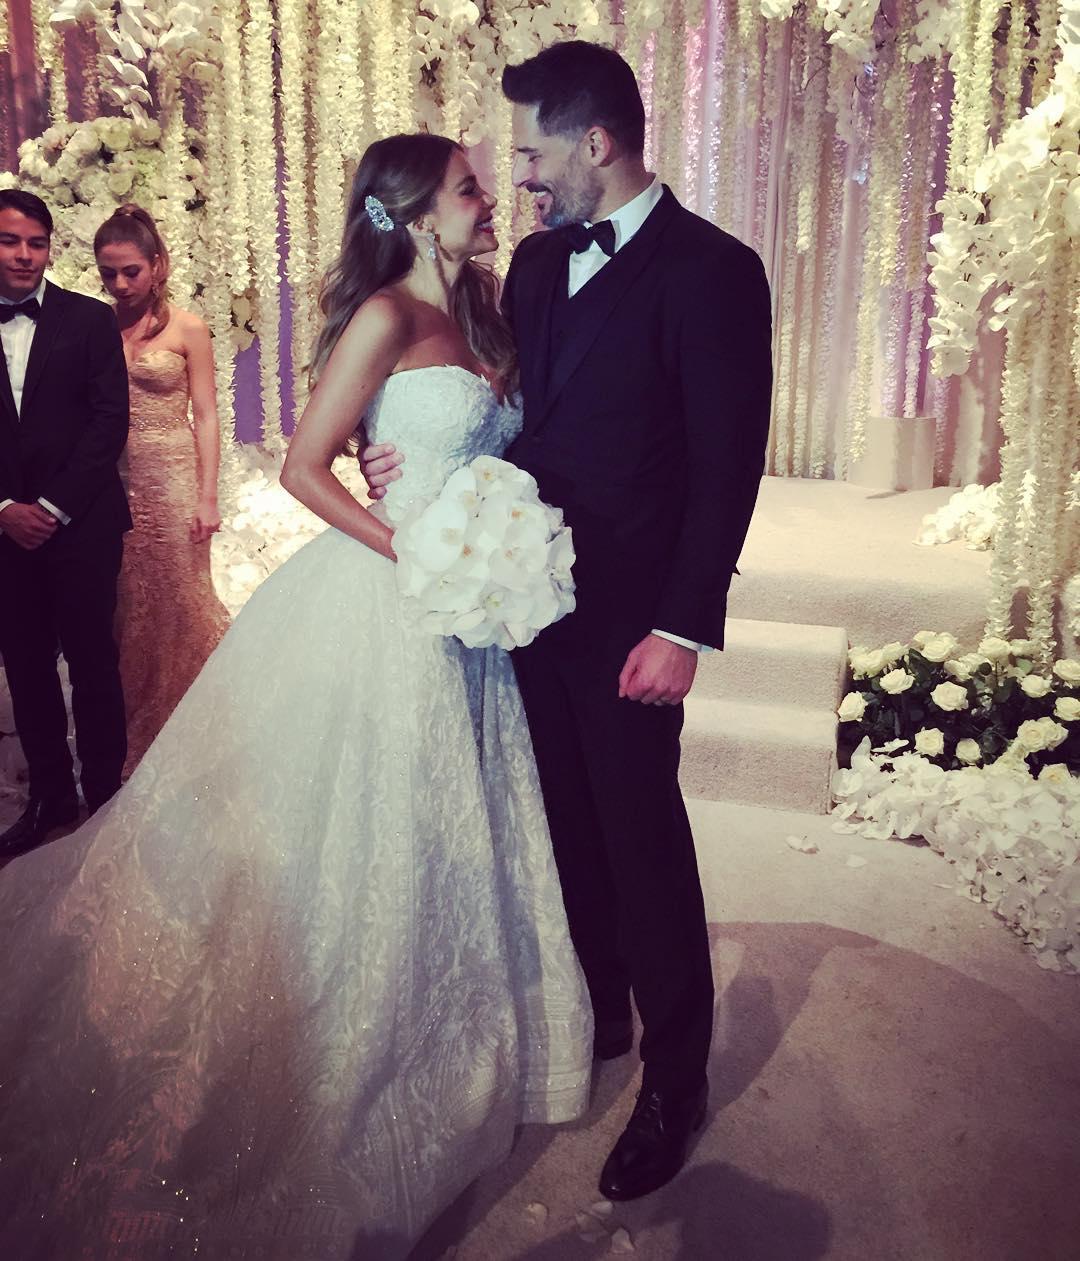 Свадьба Софии Вергары и Джо Манганьело